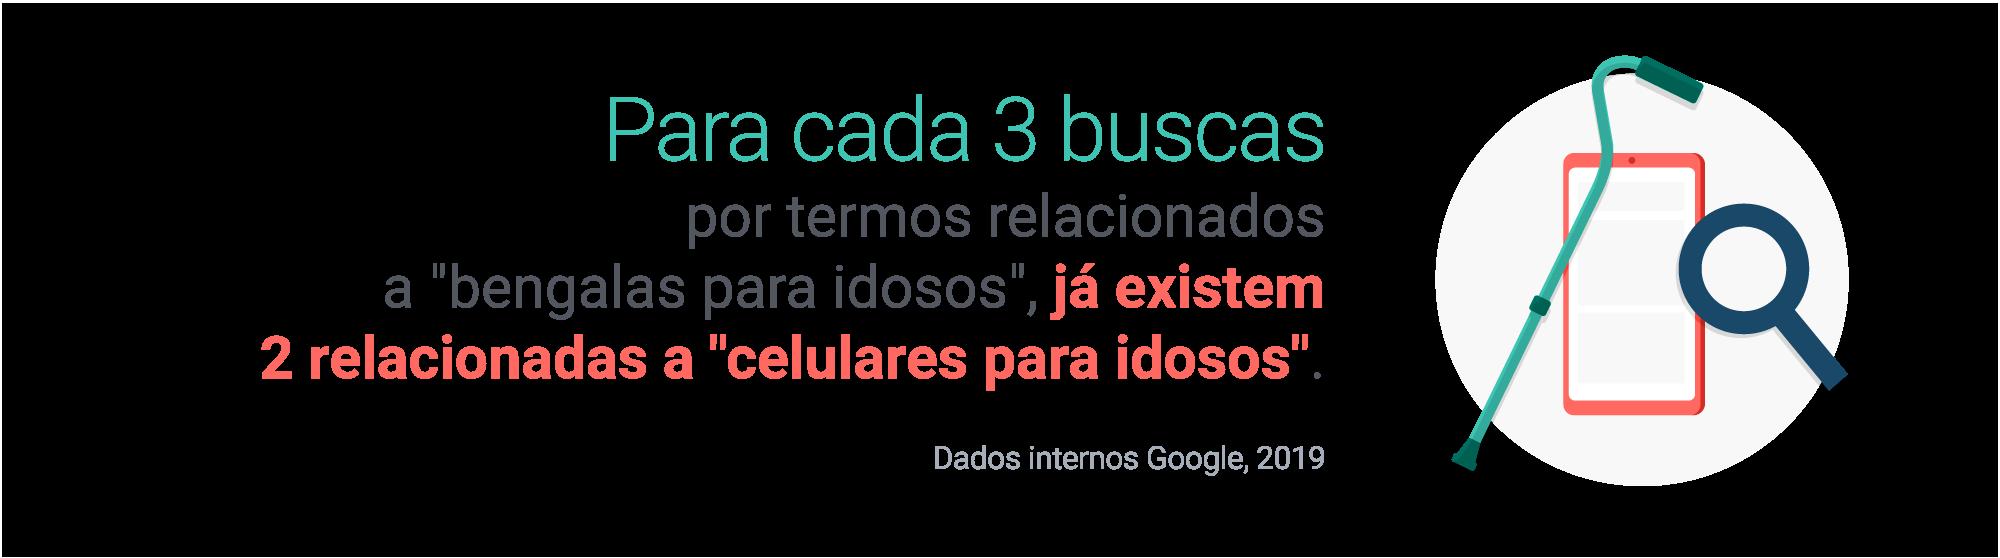 Para cada 3 buscas por termos relacionados a 'bengalas para idosos', já existem 2 relacionados a 'celulares para idosos'. Fonte: Dados internos do Google